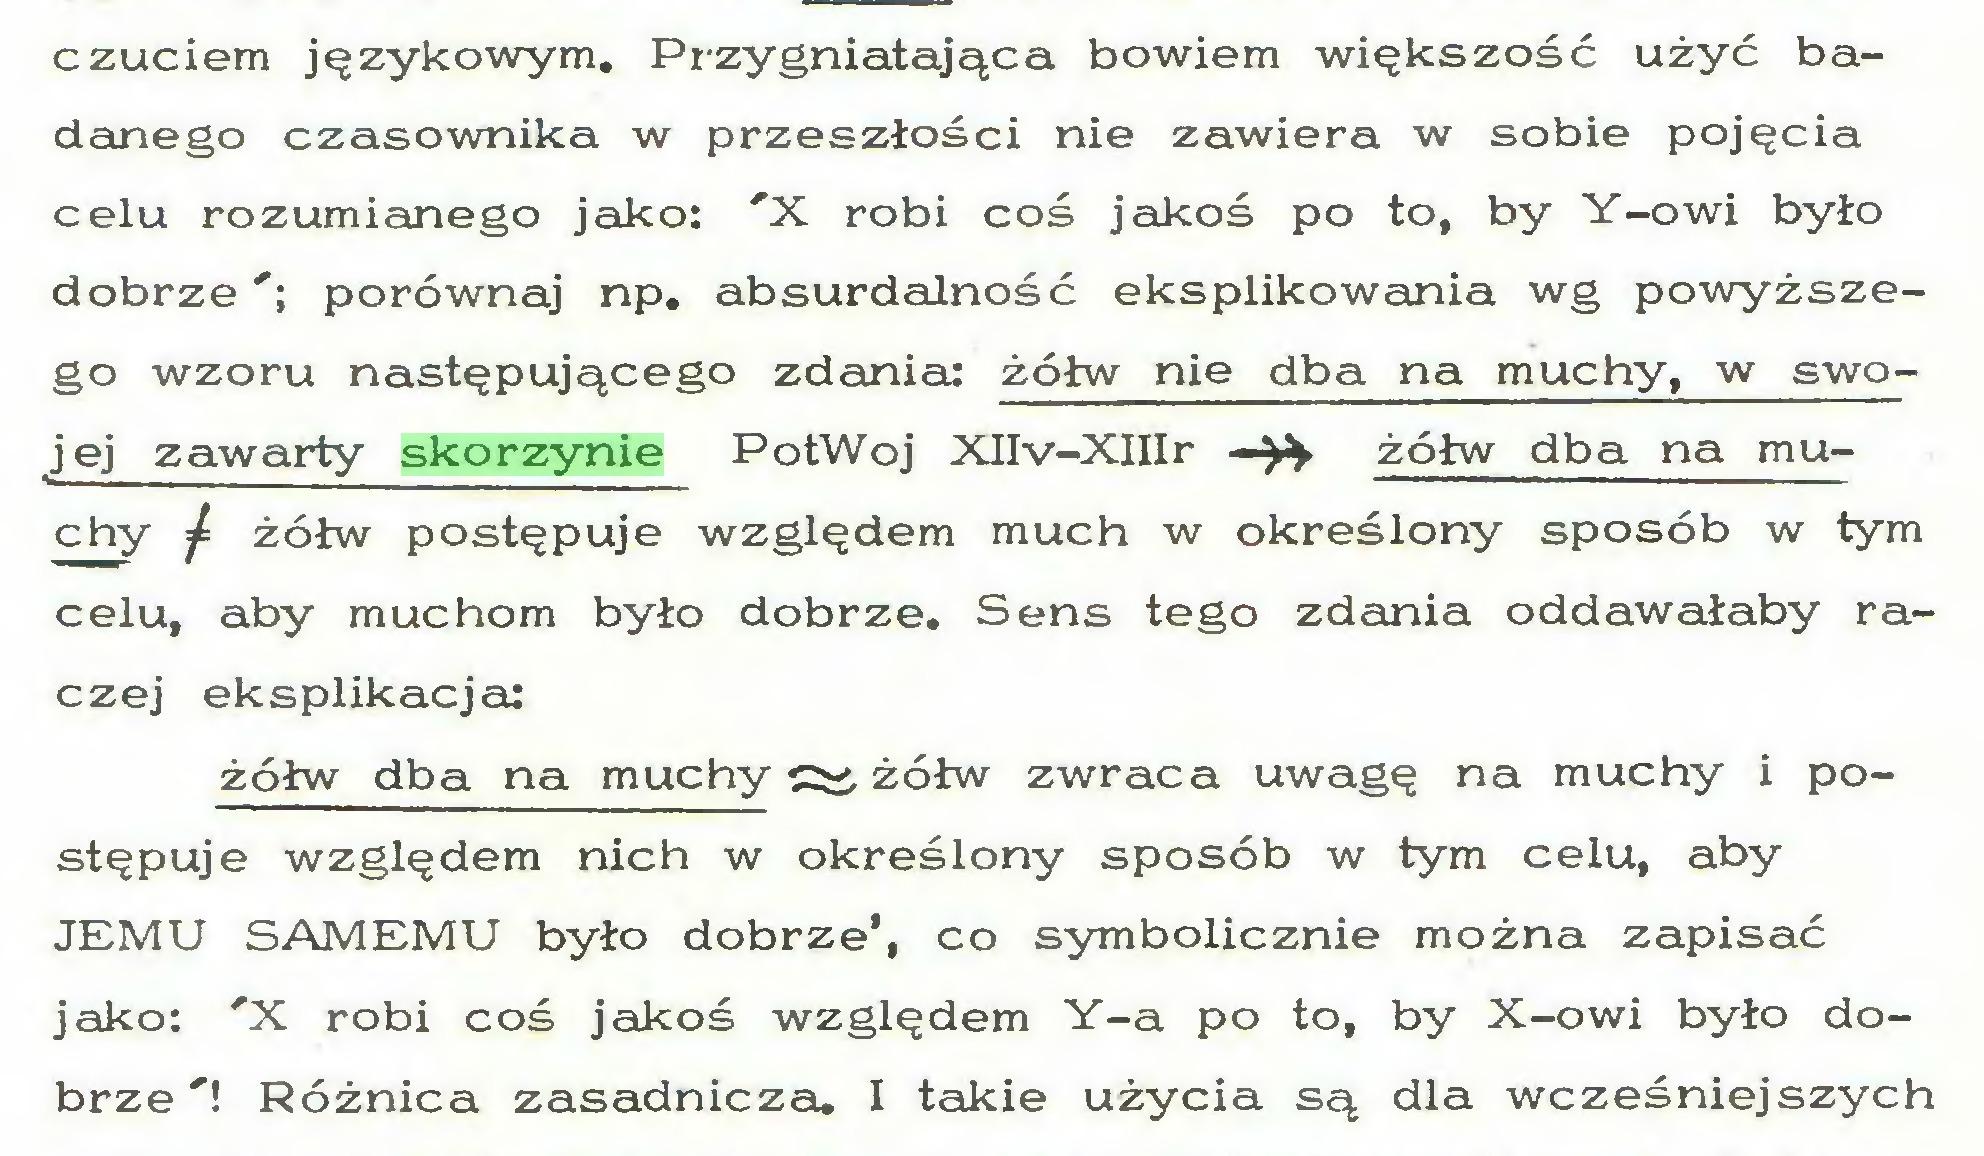 (...) czuciem językowym. Przygniatająca bowiem większość użyć badanego czasownika w przeszłości nie zawiera w sobie pojęcia celu rozumianego jako: 'X robi coś jakoś po to, by Y-owi było dobrze'; porównaj np. absurdalność eksplikowania wg powyższego wzoru następującego zdania: żółw nie dba na muchy, w swoj ej zawarty skorzynie PotWoj XIIv-XIIIr —^ żółw dba na muchy ^ żółw postępuje względem much w określony sposób w tym celu, aby muchom było dobrze. Sens tego zdania oddawałaby raczej eksplikacja: żółw dba na muchy żółw zwraca uwagę na muchy i postępuje względem nich w określony sposób w tym celu, aby JEMU SAMEMU było dobrze', co symbolicznie można zapisać jako: 'X robi coś jakoś względem Y-a po to, by X-owi było dobrze'! Różnica zasadnicza. I takie użycia są dla wcześniejszych...